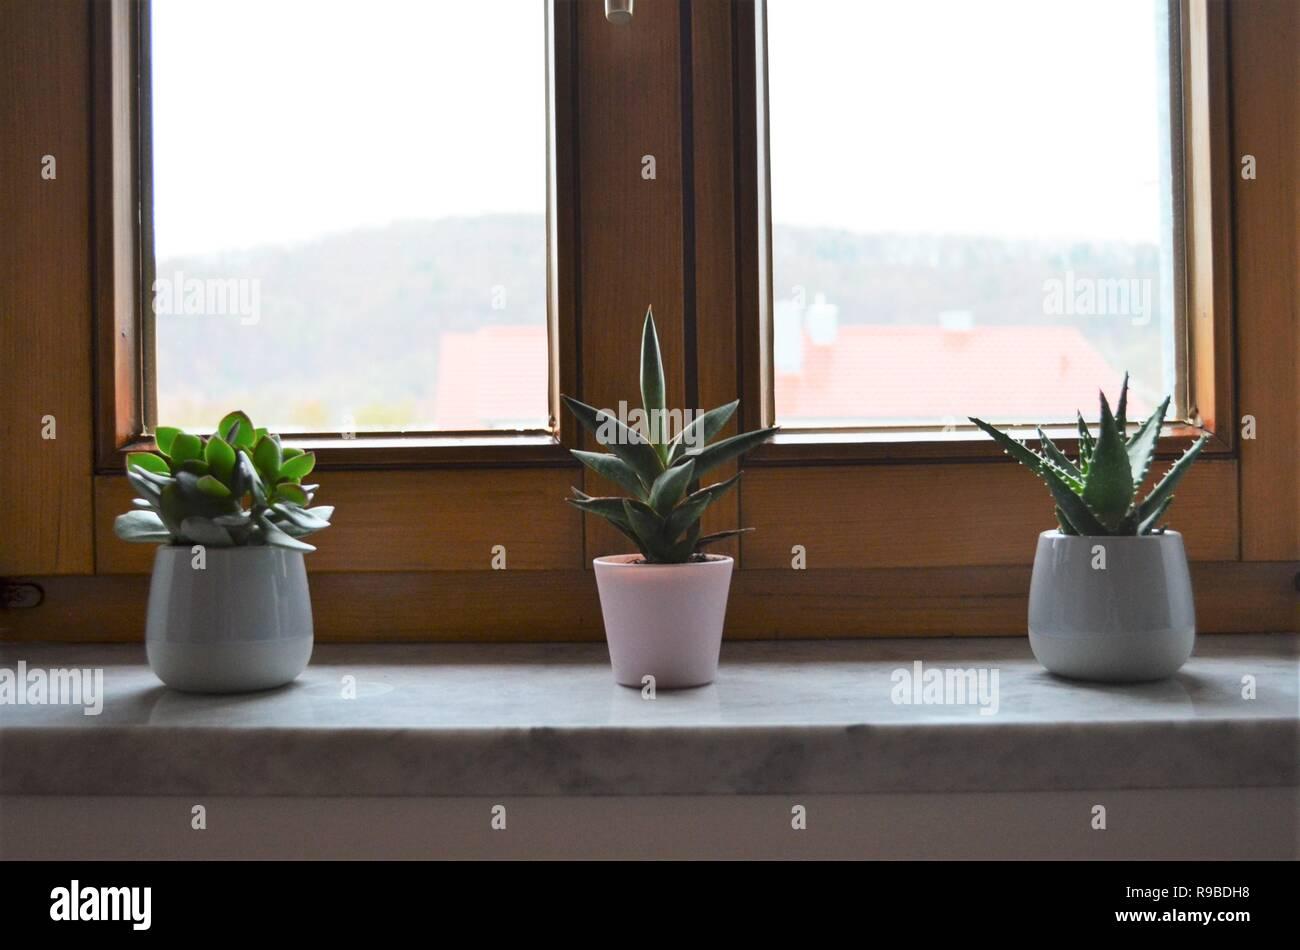 Drei Grune Kaktus Pflanzen Auf Der Fensterbank In Einer Reihe Als